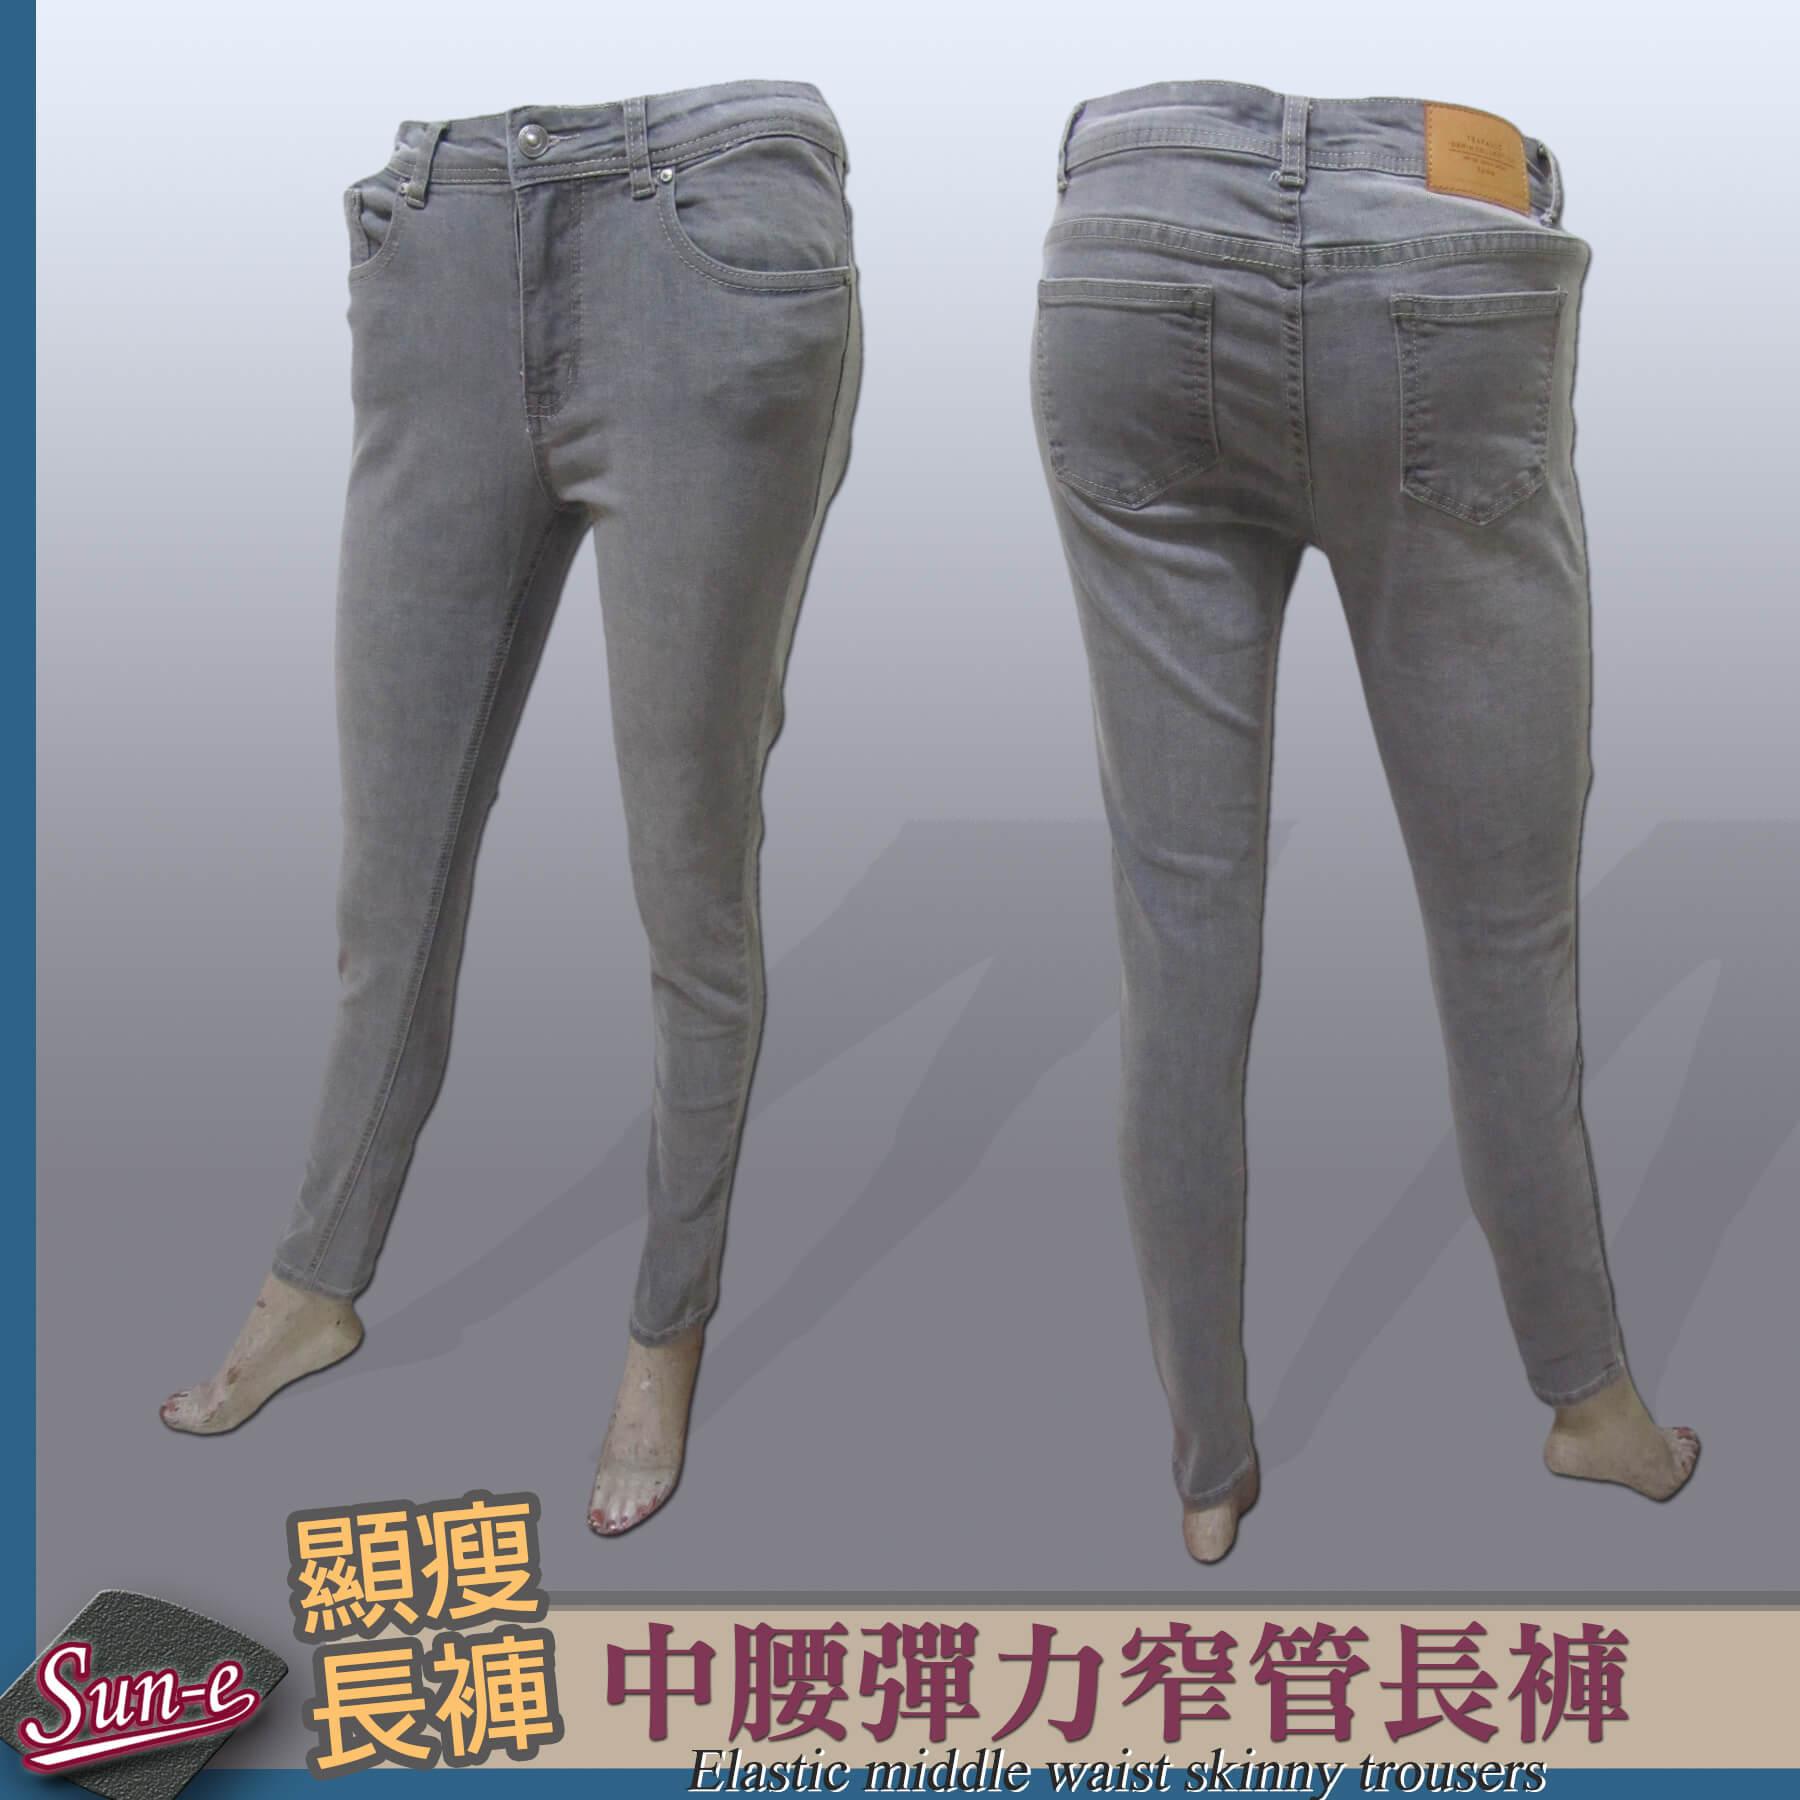 sun-e窄管長褲、中腰彈力長褲、顯瘦窄管褲、休閒長褲、丹寧長褲、牛仔長褲、腰圍有皮帶環(褲耳)、褲檔有拉鍊、灰色長褲(002-1931-22)灰 腰圍:S M L XL(28~35英吋)(女)